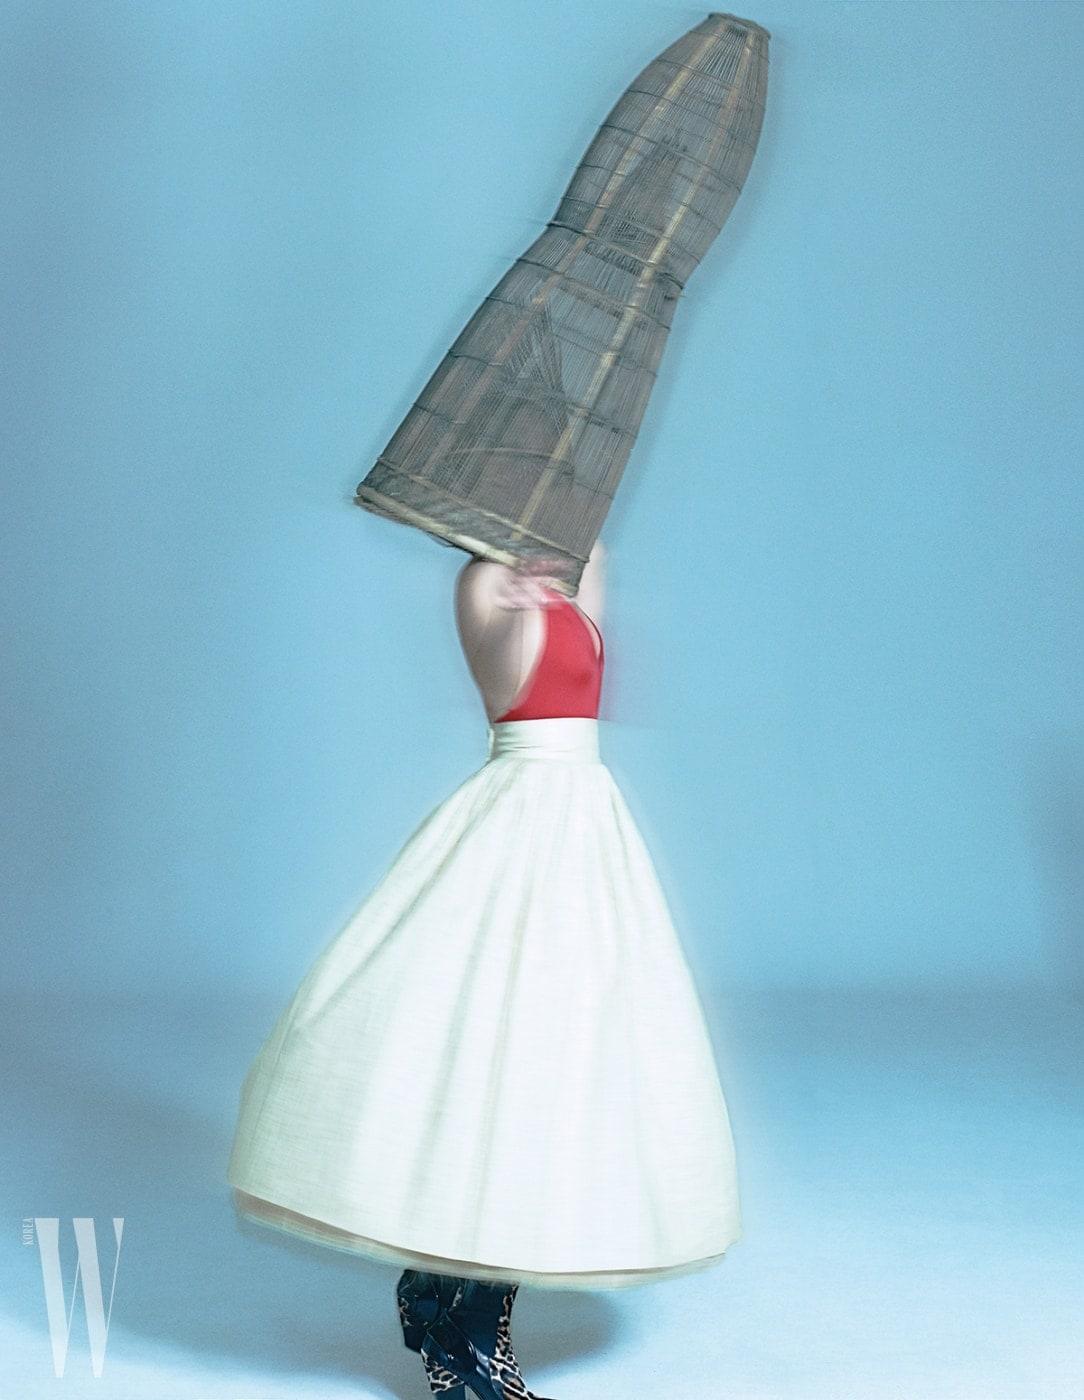 빨간색스윔슈트는Valentino, 한국고유의색과소재로 이루어진모시스커트는Jintaeok, 레오퍼드앵클부츠는 Louis Vuitton 제품. 머리에쓰고있는것은 어촌에서사용되던전통어망 .